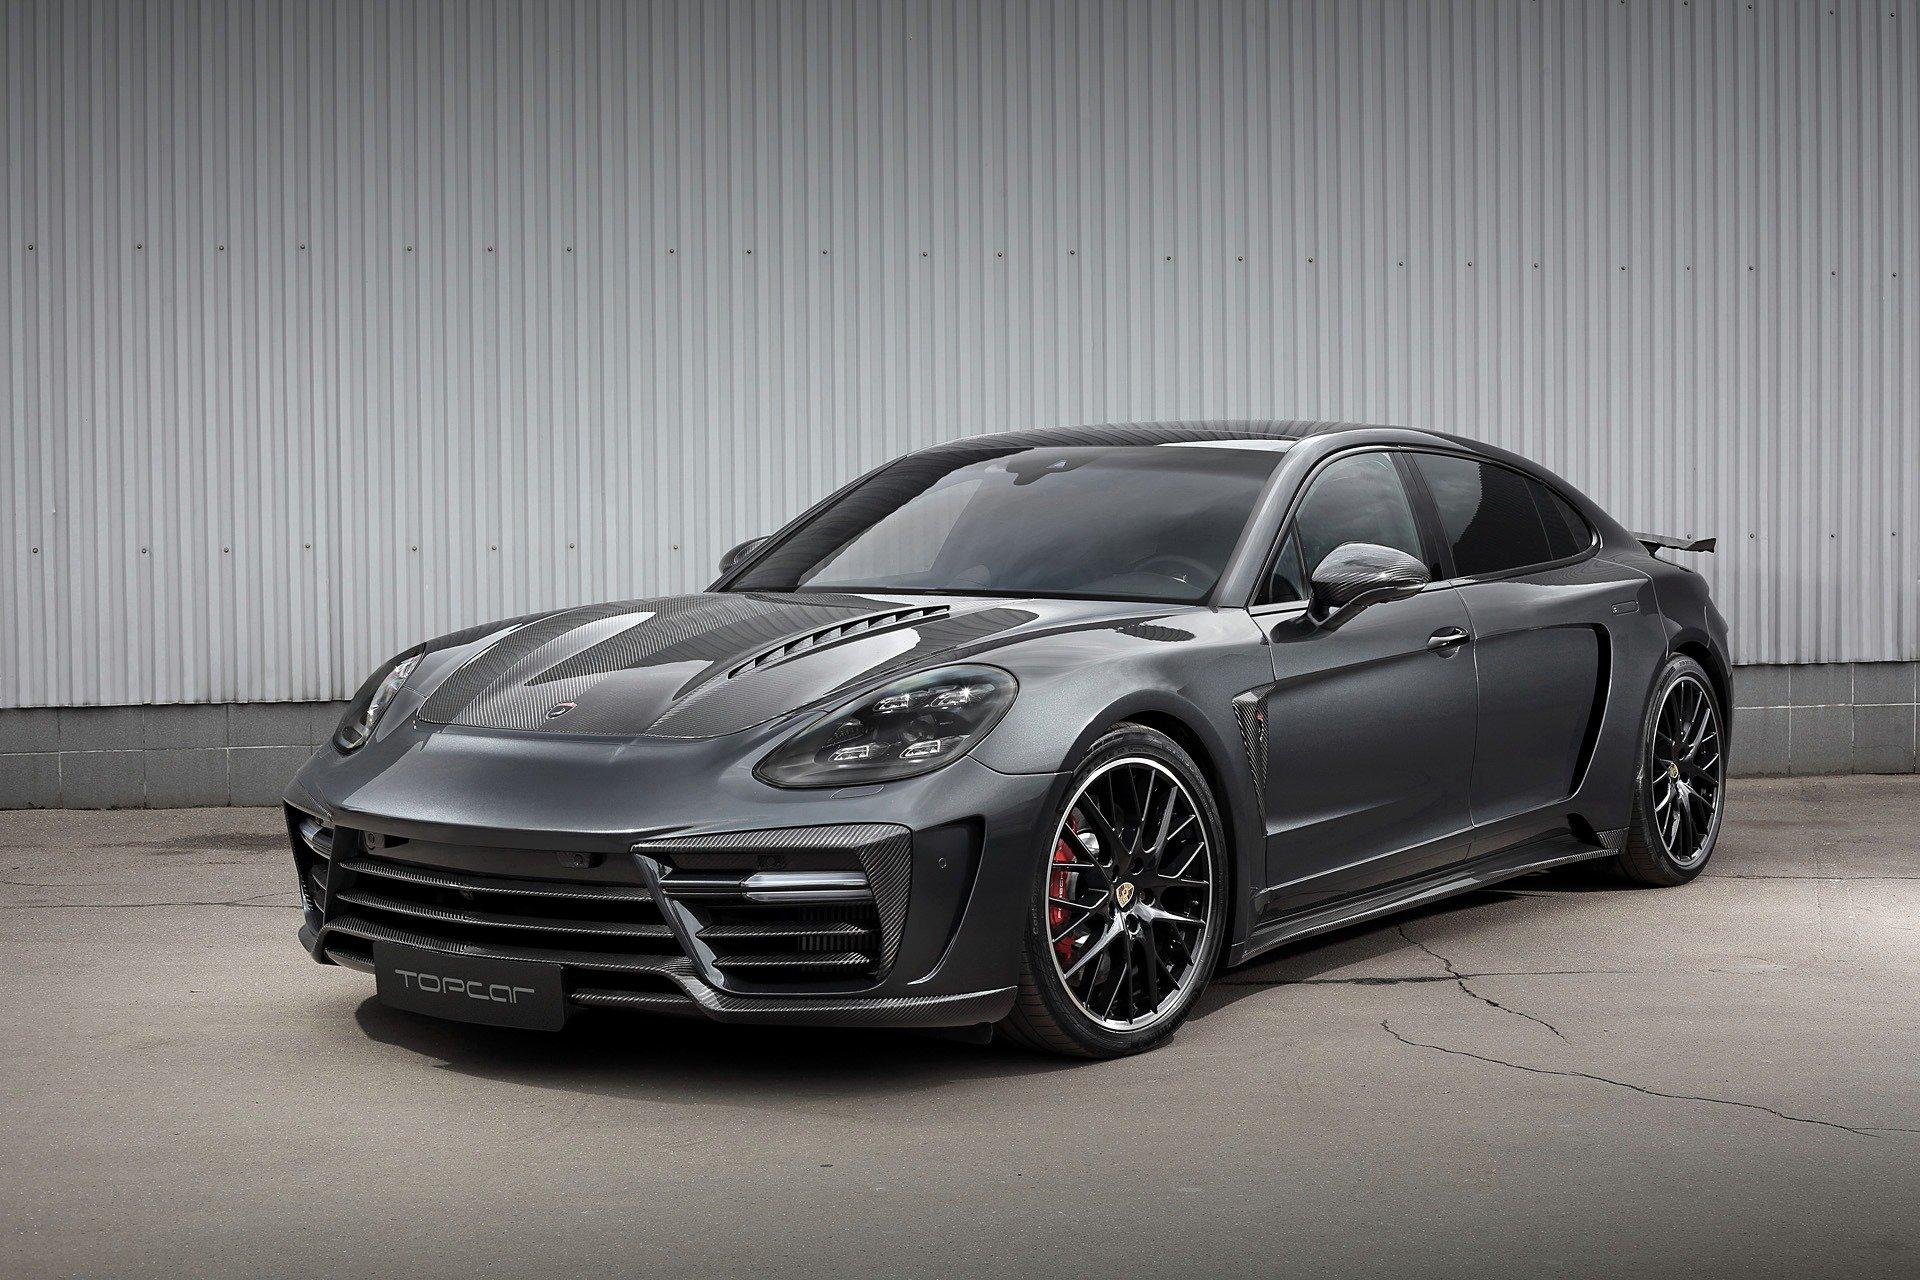 Porsche-Panamera-LWB-by-TopCar-2